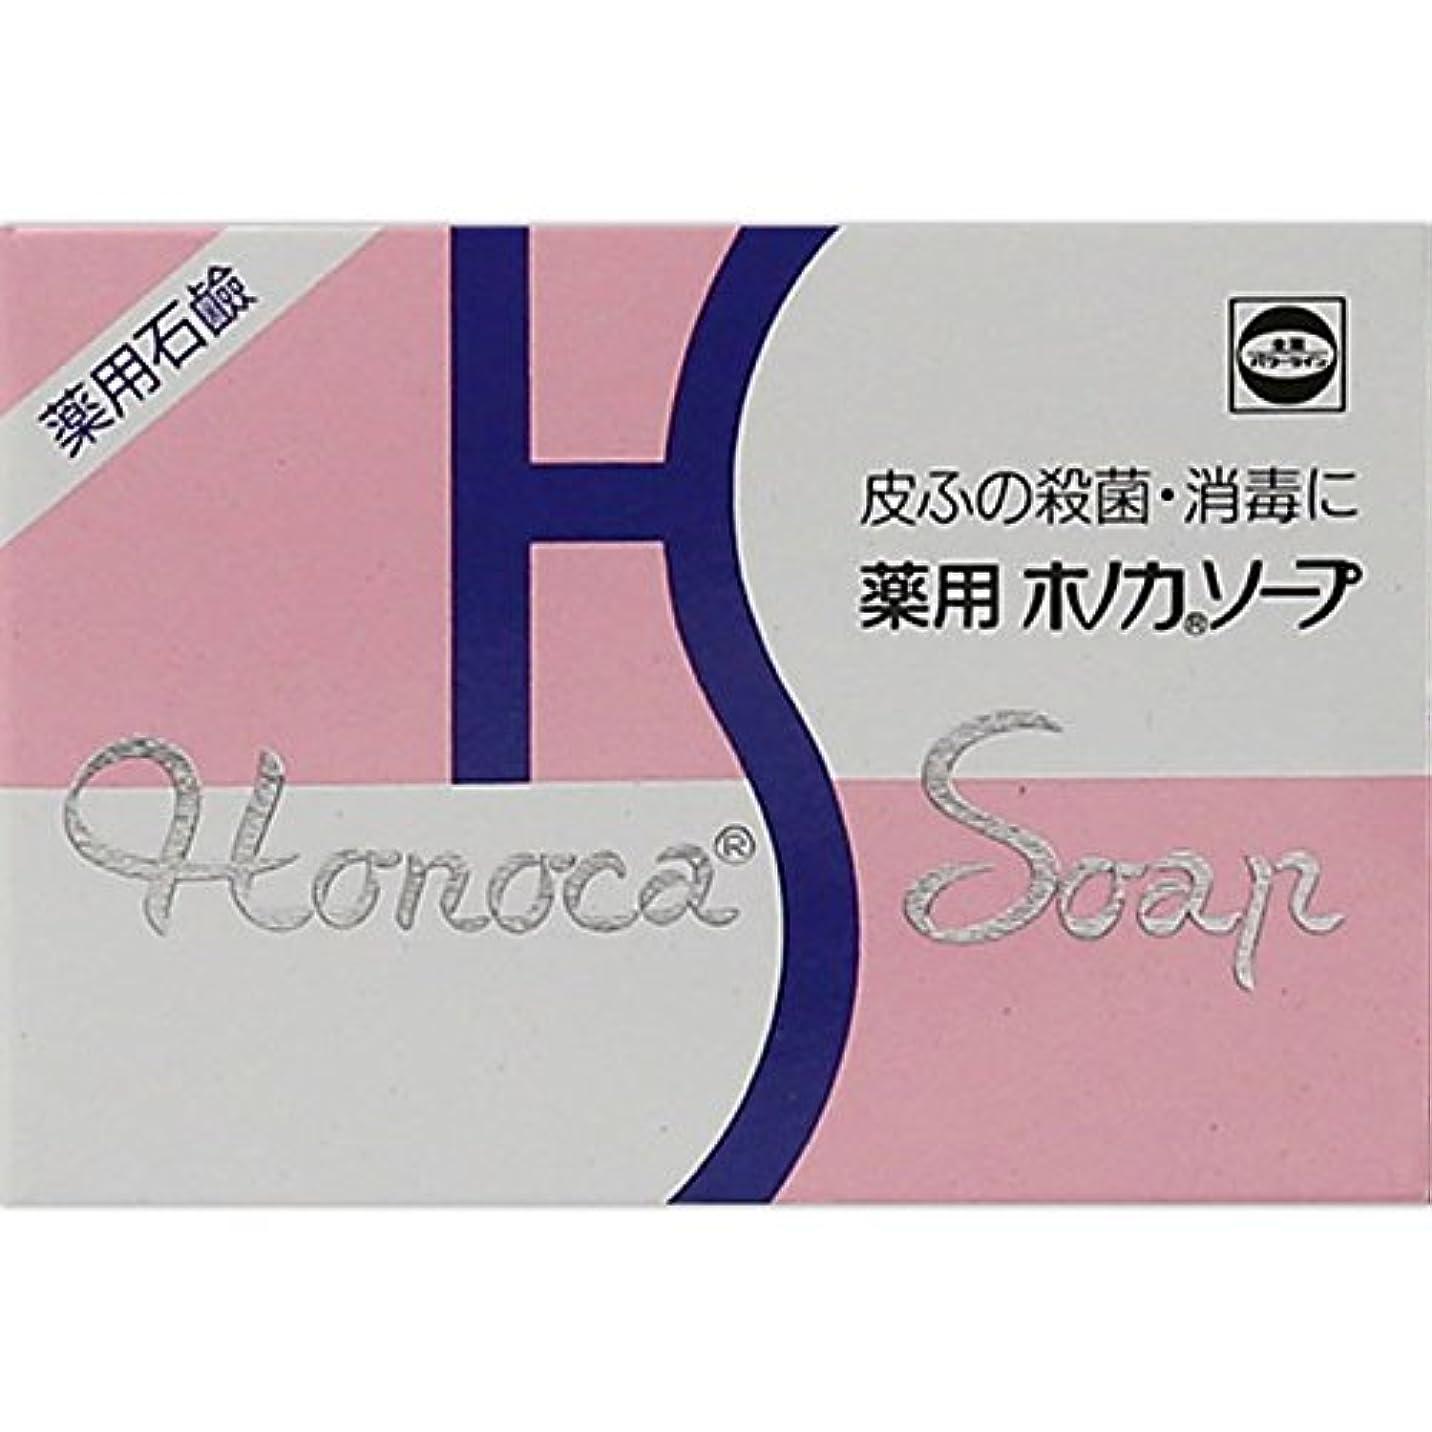 緊張脅威安価な薬用ホノカソープ 80g